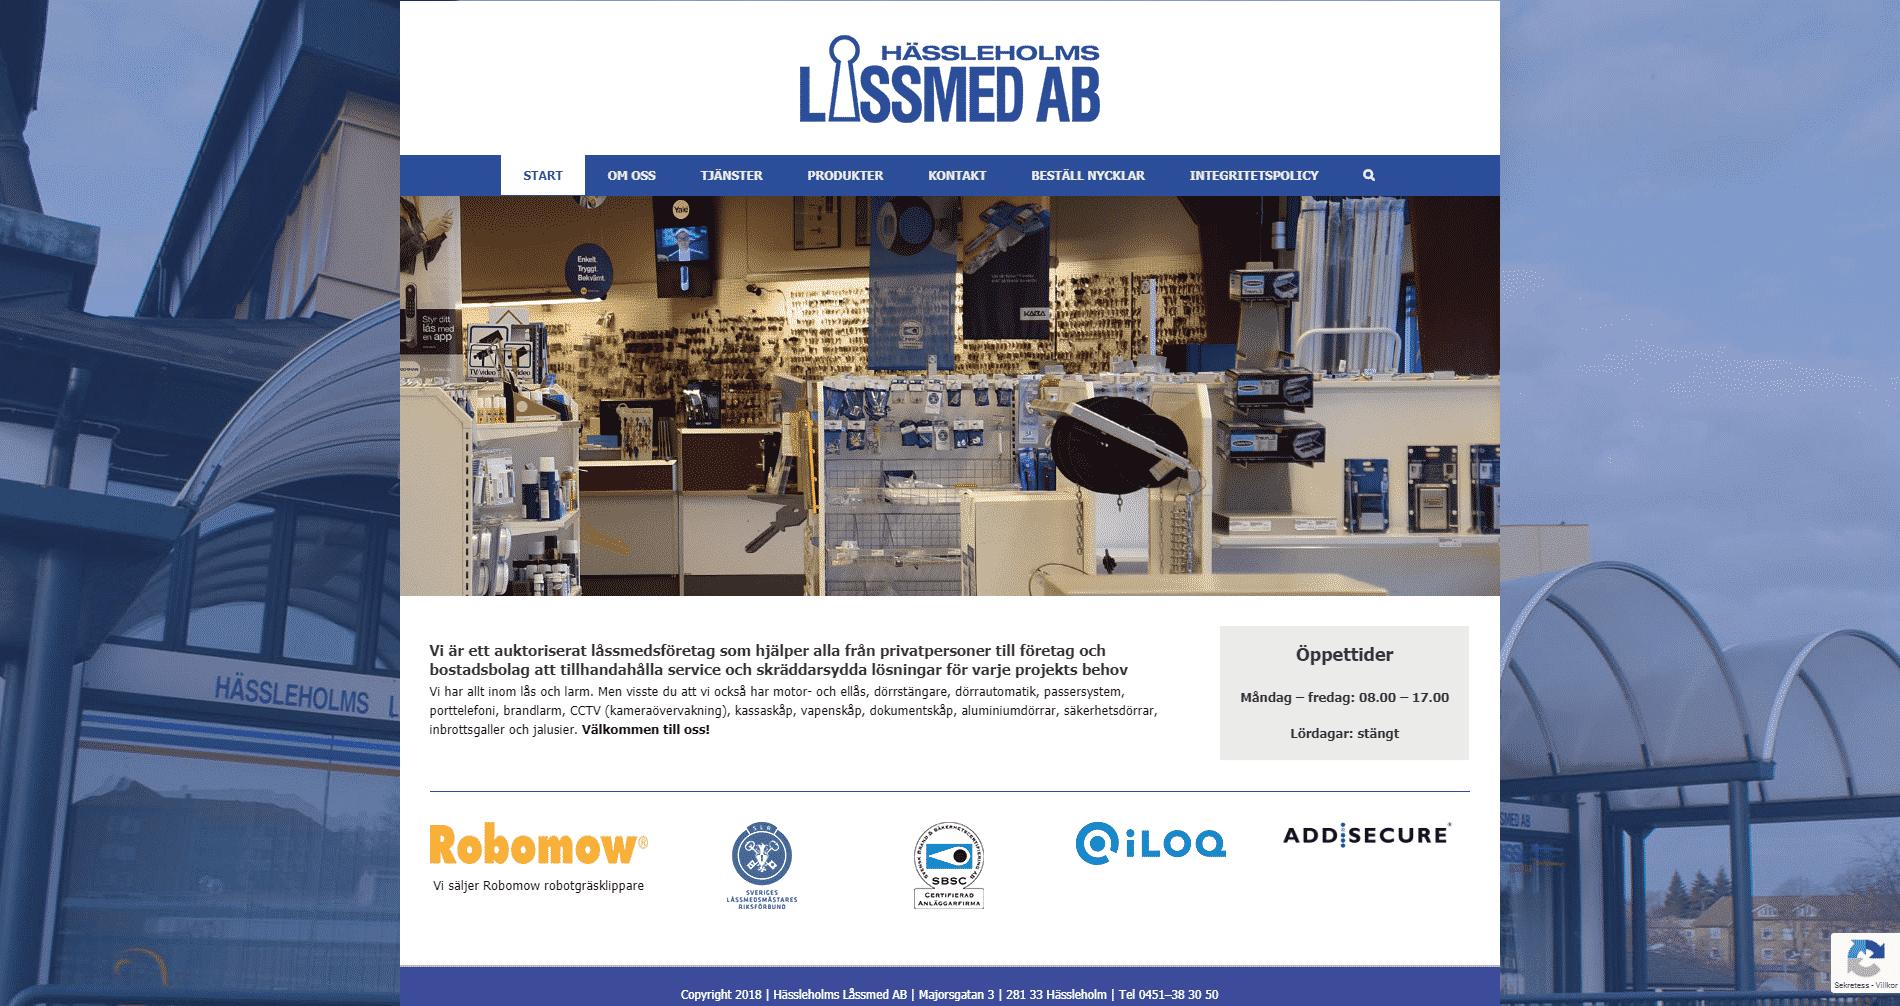 Hässleholms Låssmed AB websida